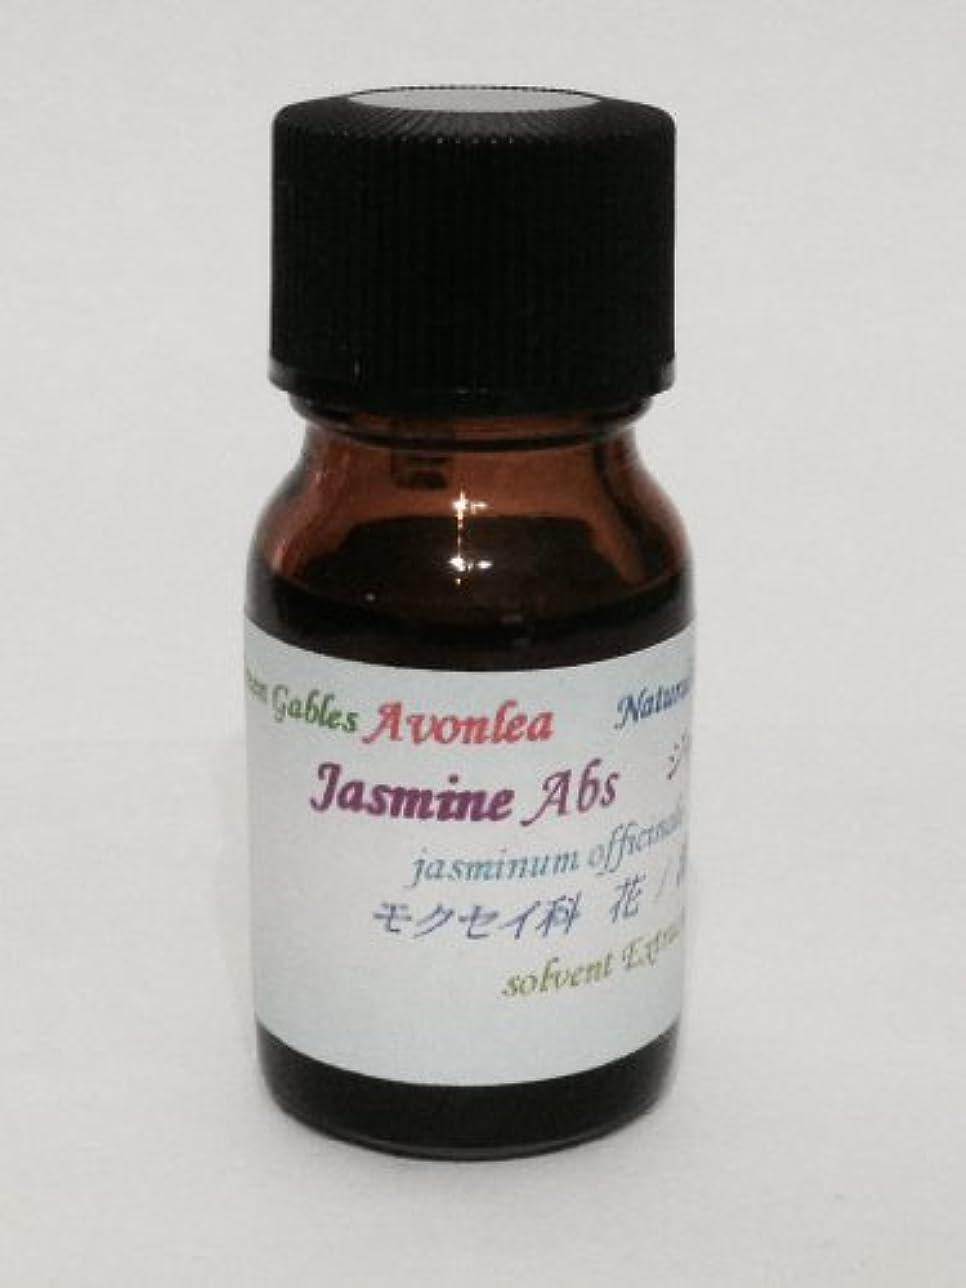 最後のいつも隠されたジャスミン Abs 100% ピュア エッセンシャルオイル 花の精油 5ml